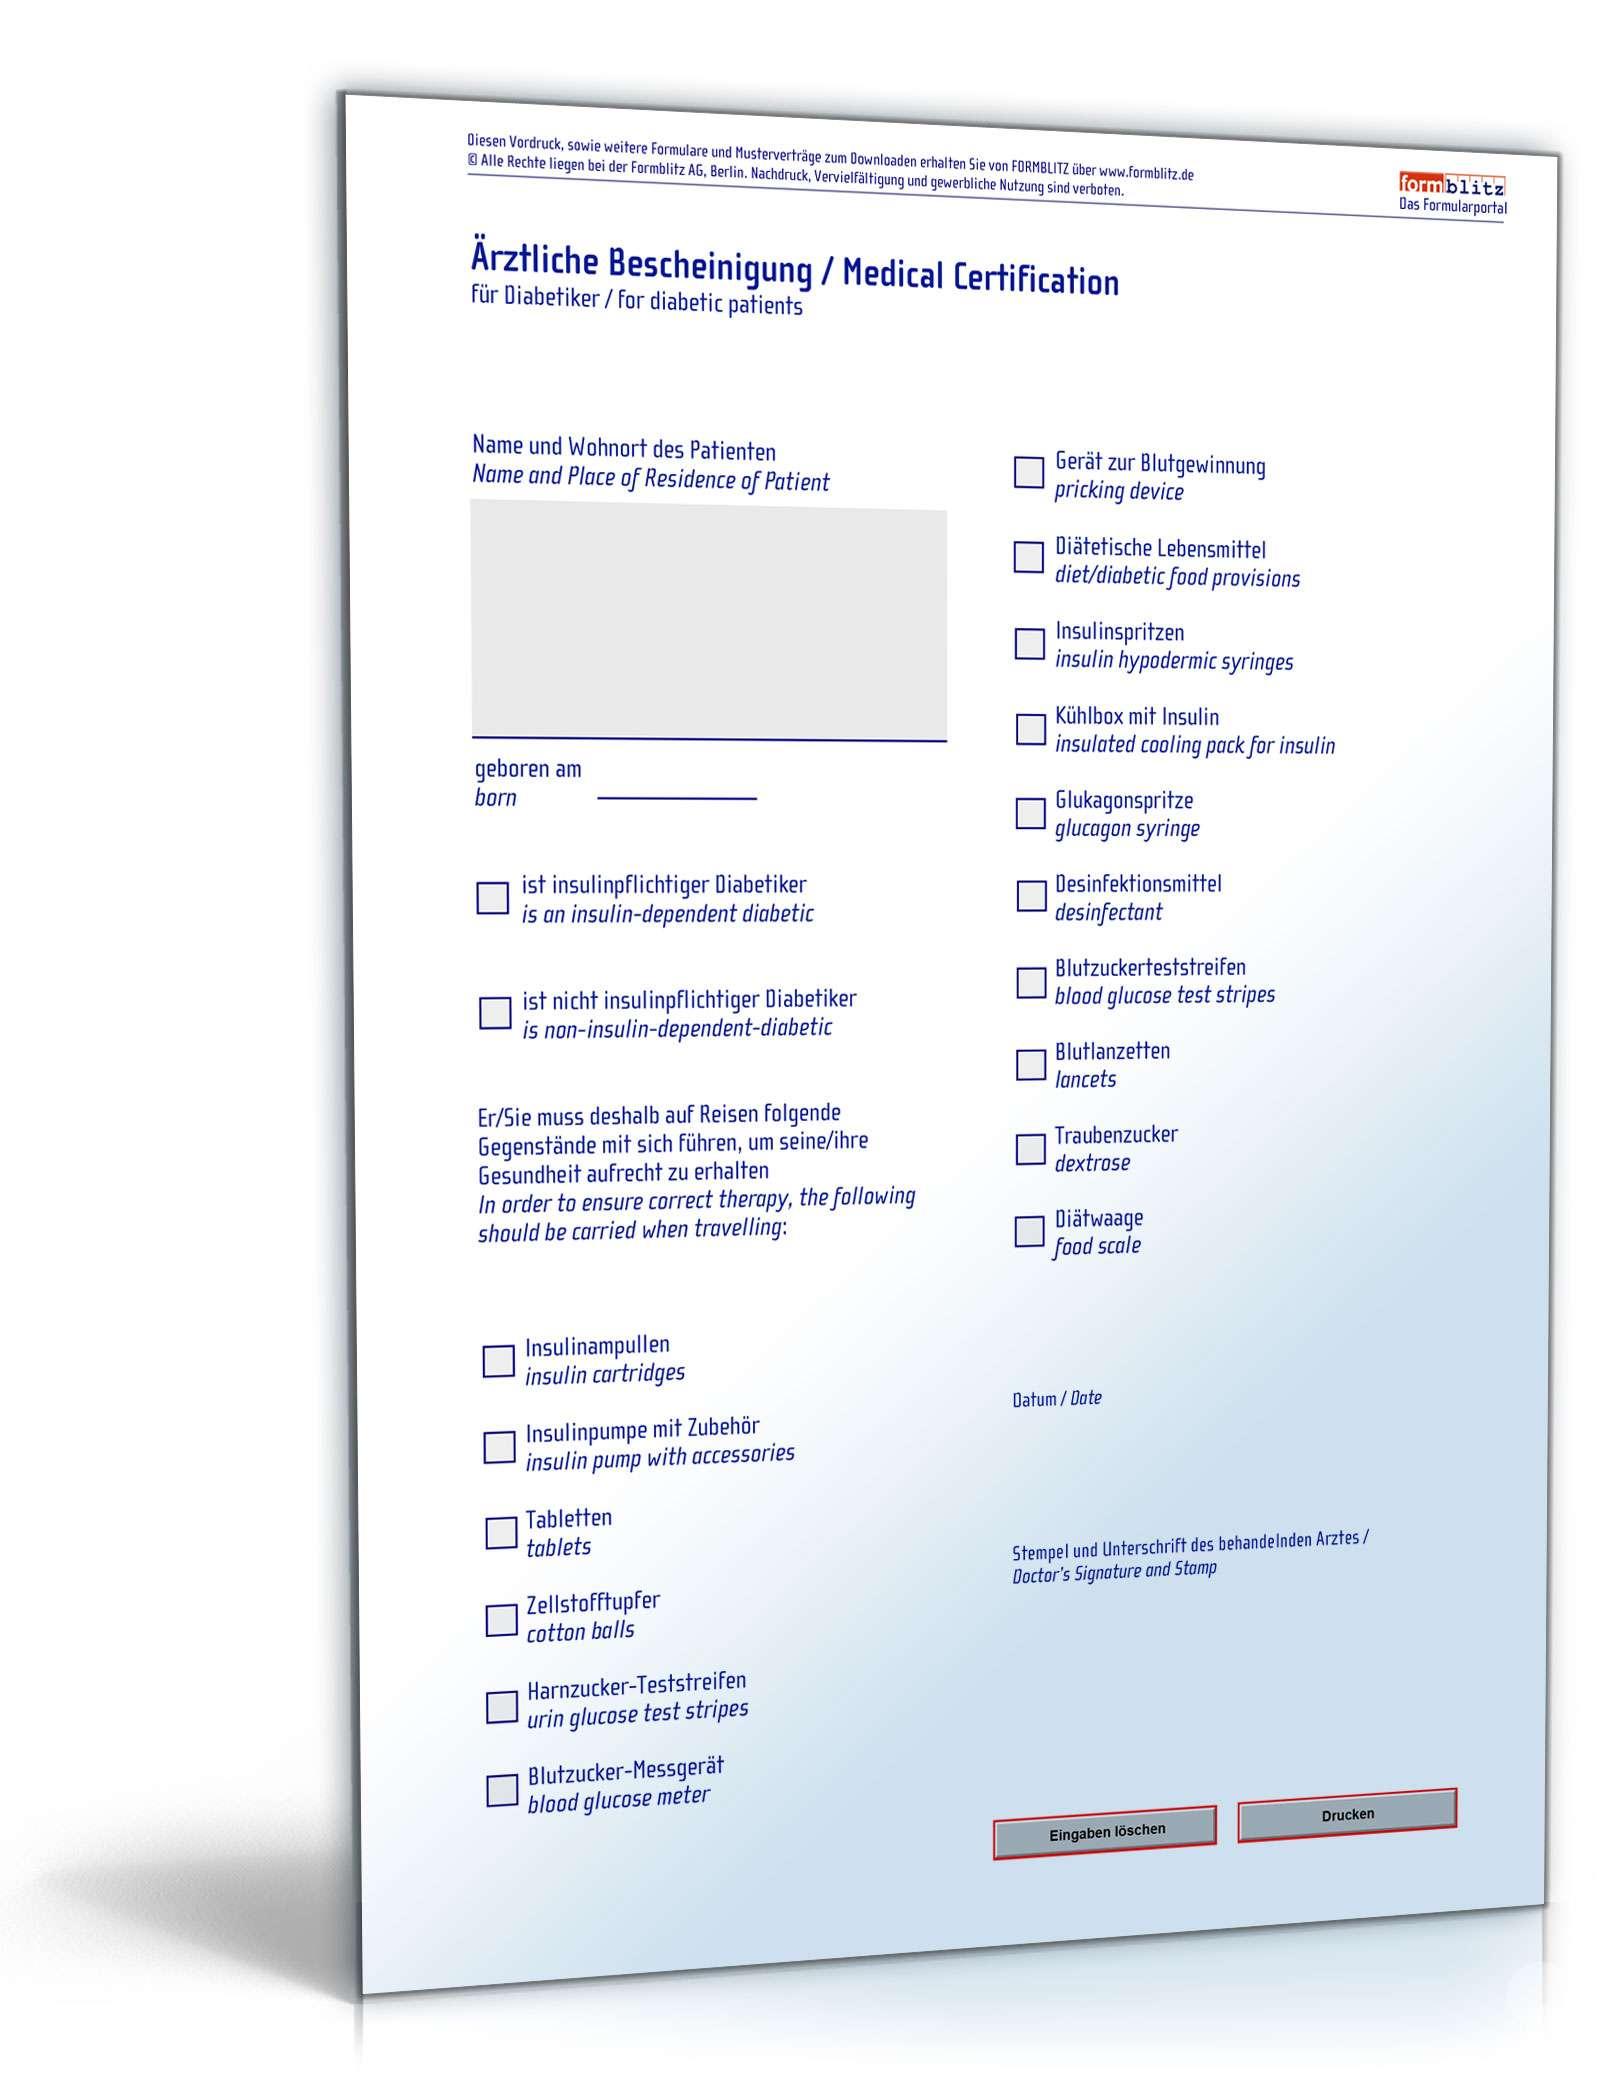 Reisebescheinigung Diabetiker | Formular zum Download